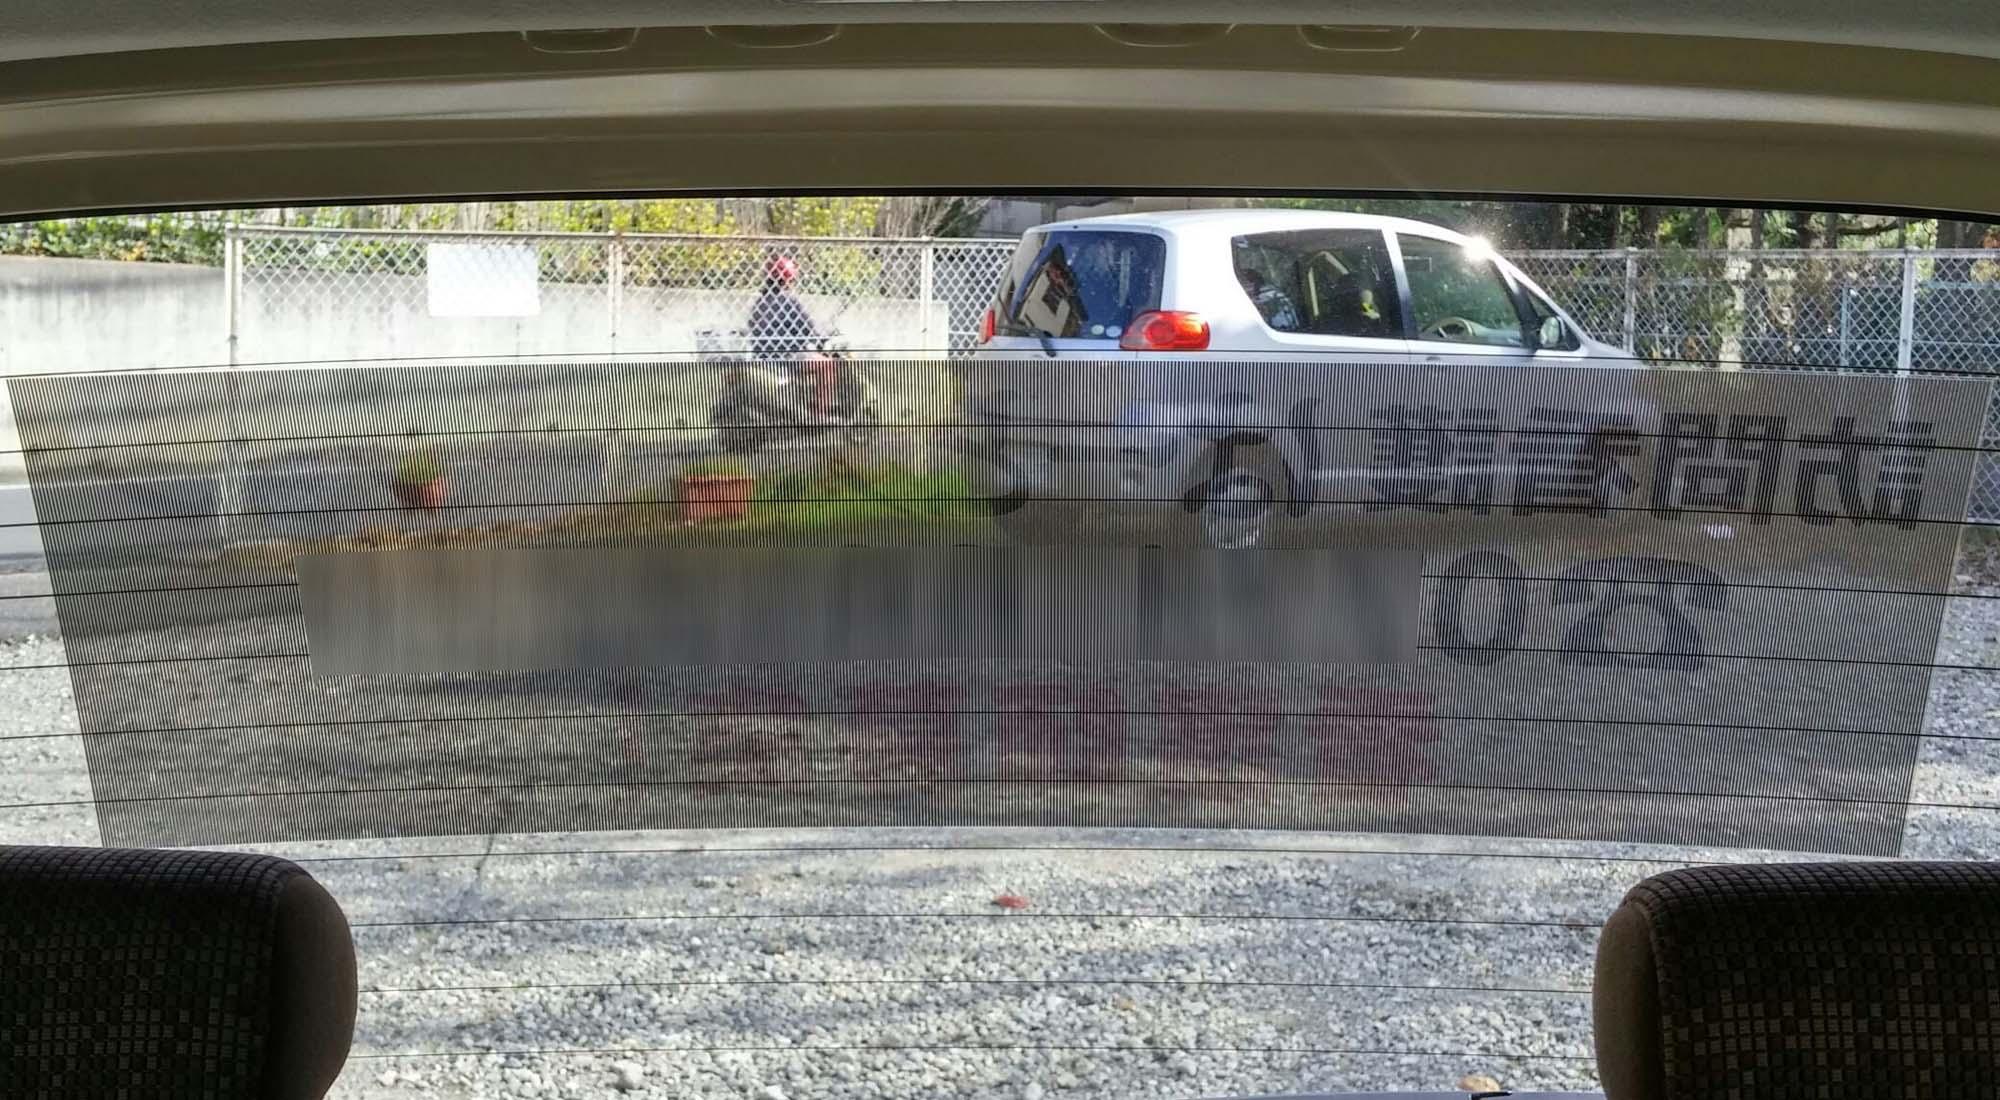 【車内】外貼り・縦ストライプ・タテ200mm×ヨコ700mm(お客様希望により写真の一部をぼかしています)